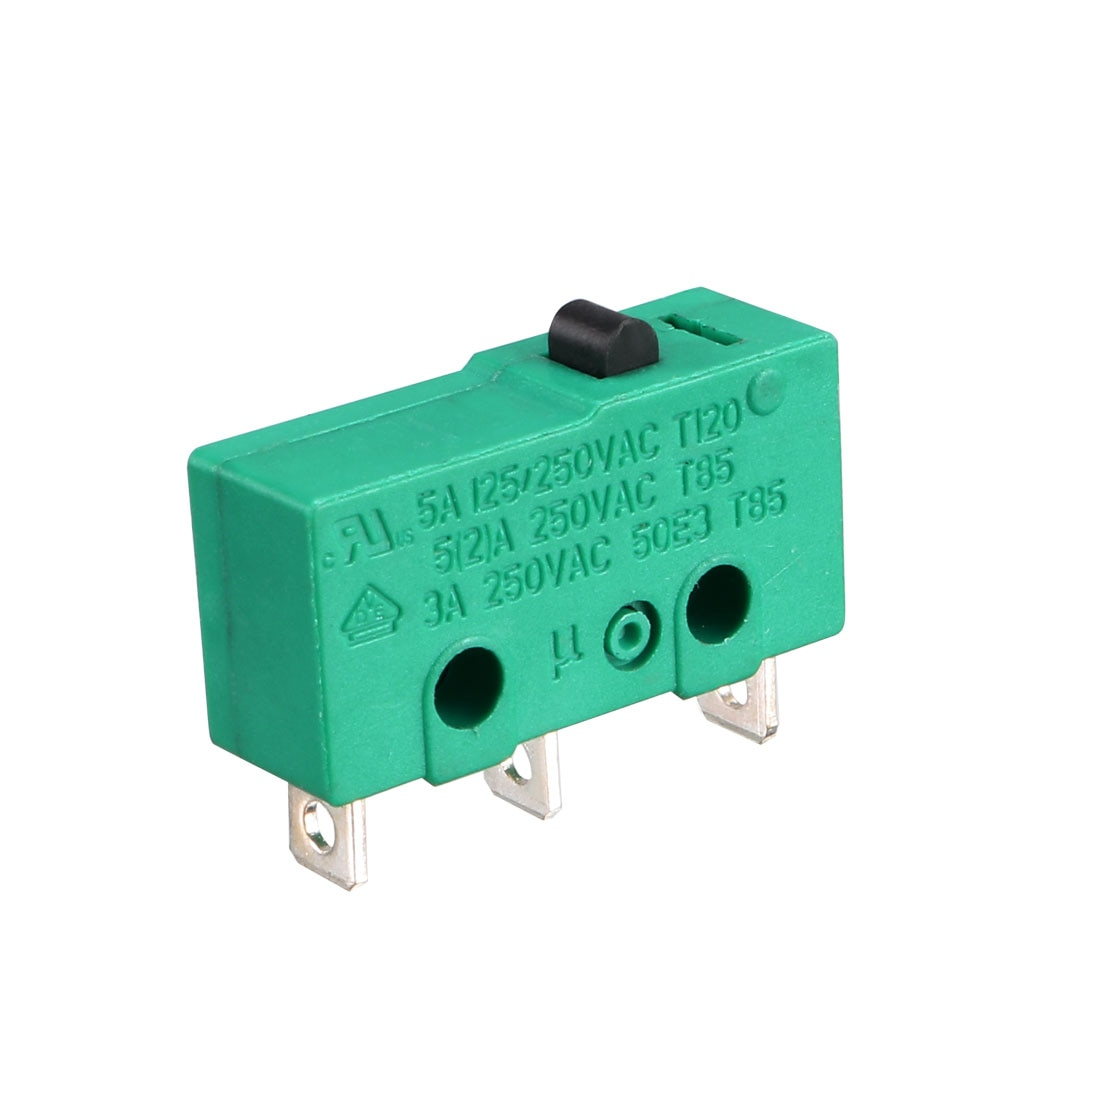 Uxcell KW4-3Z-3 Interruptor de Límite Micro SPDT NO NC 3 terminales momentáneas empujar accionador de botón verde